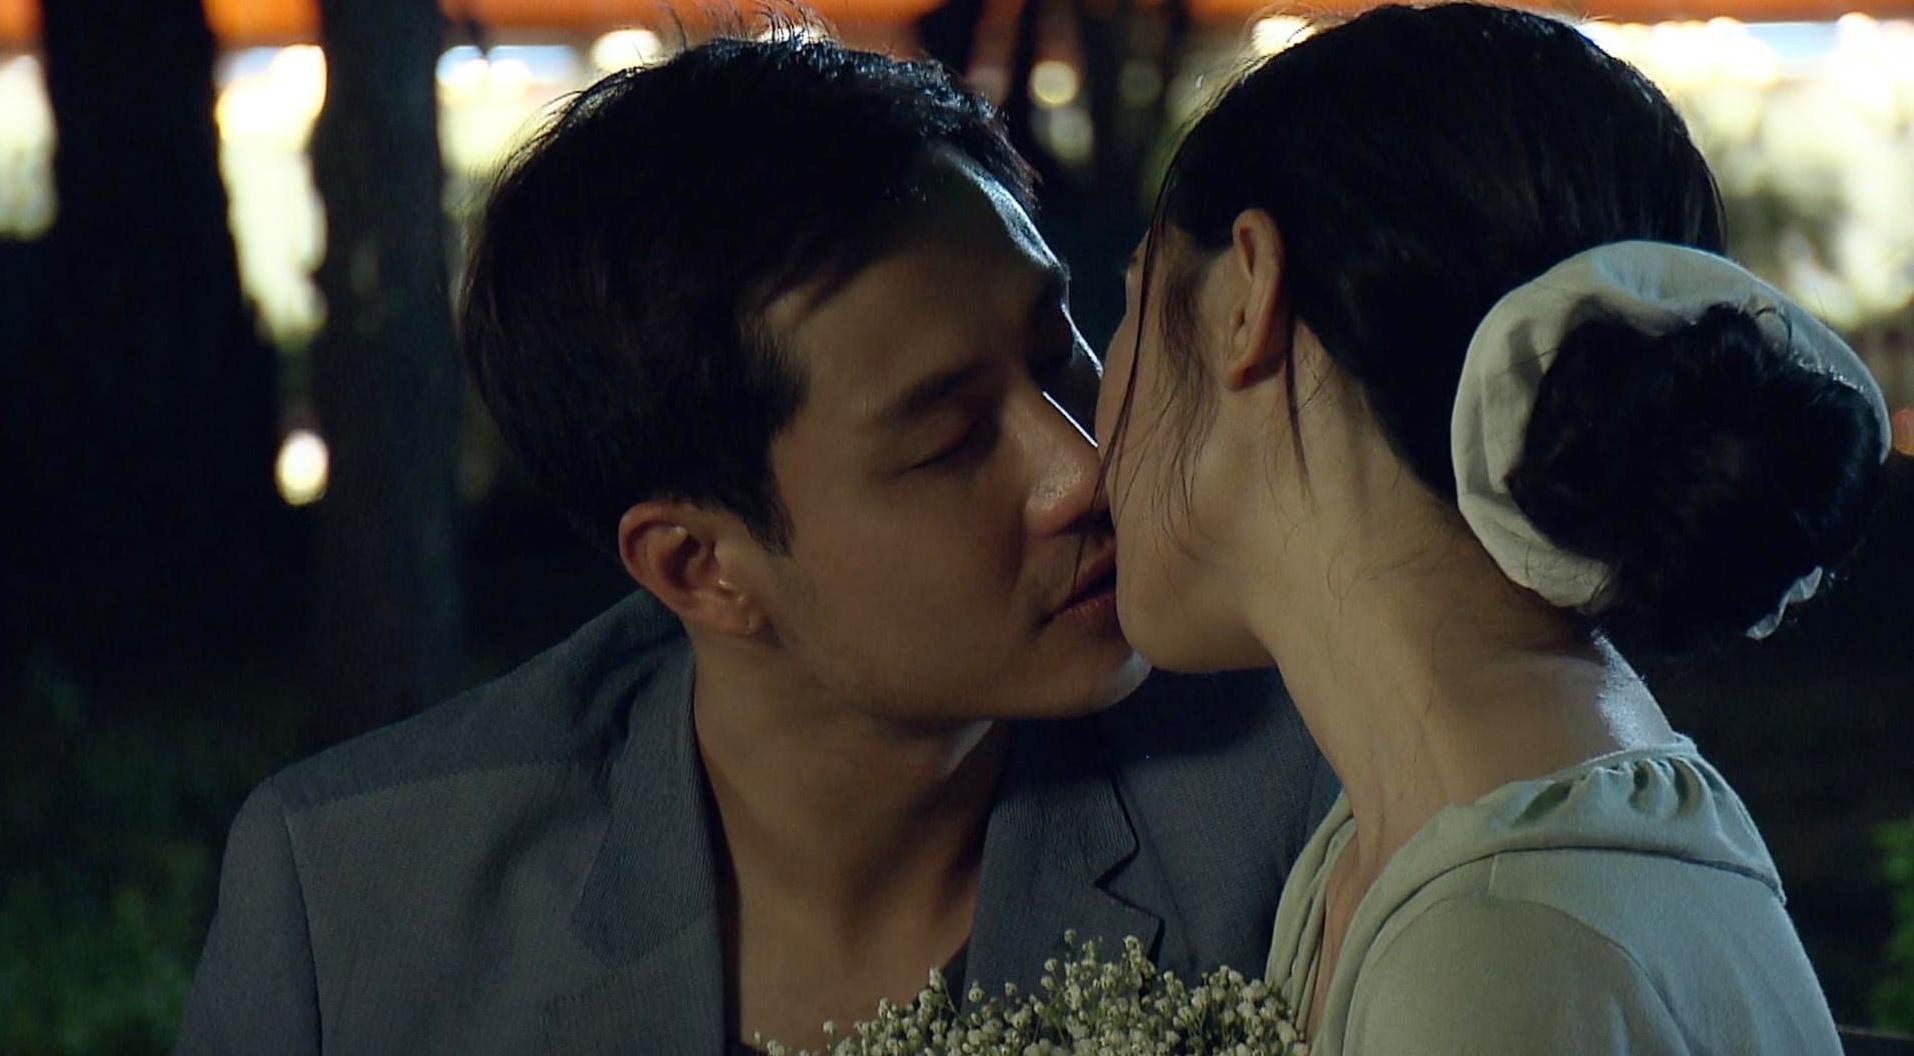 Top 5 cảnh hôn đẹp nhất màn ảnh nhỏ Việt Nam 2020: Từ lãng mạn bên đài phun nước đến táo bạo trong... chuồng ngựa - Ảnh 6.